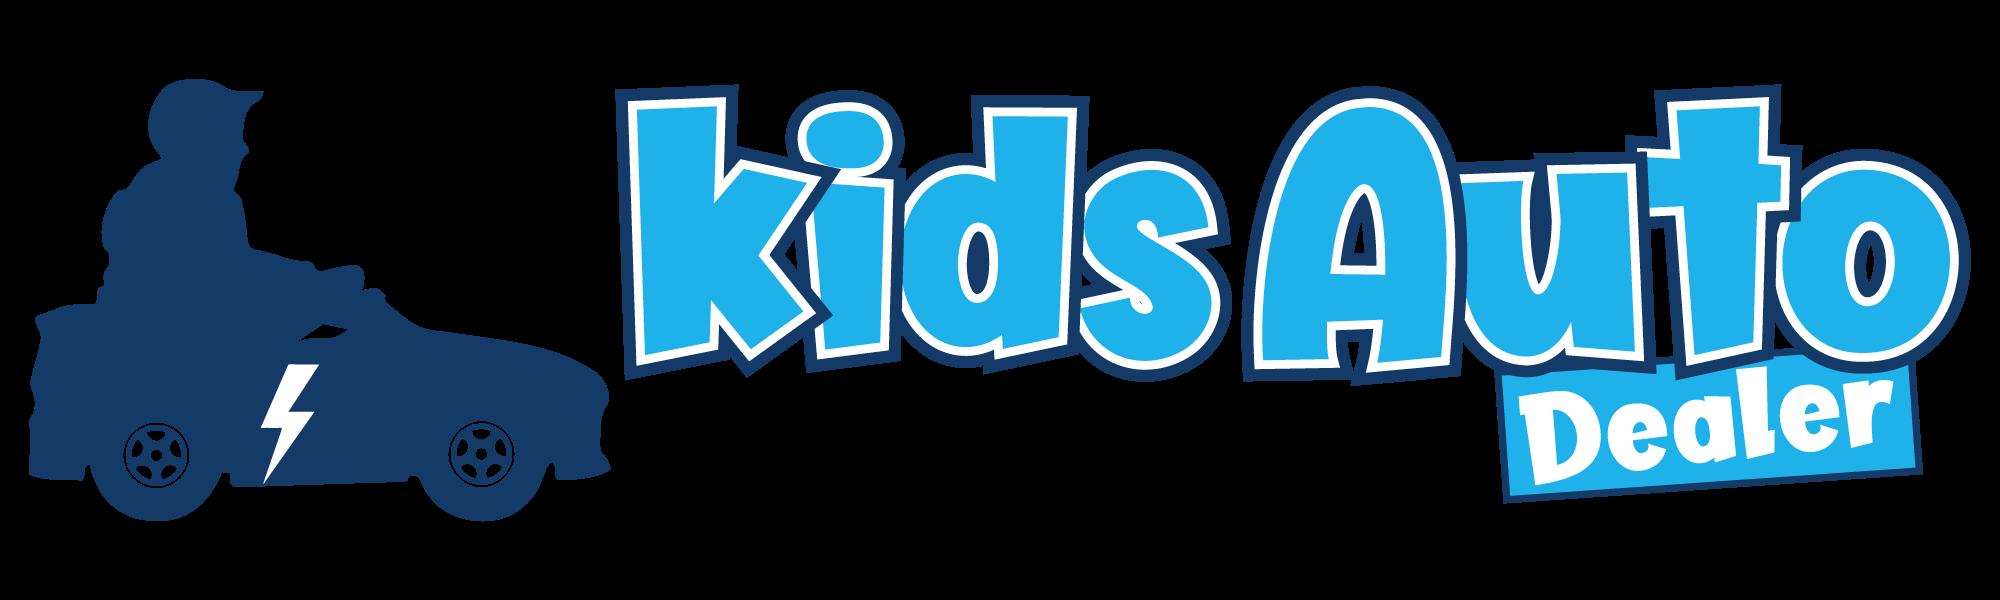 Kidsautodealer